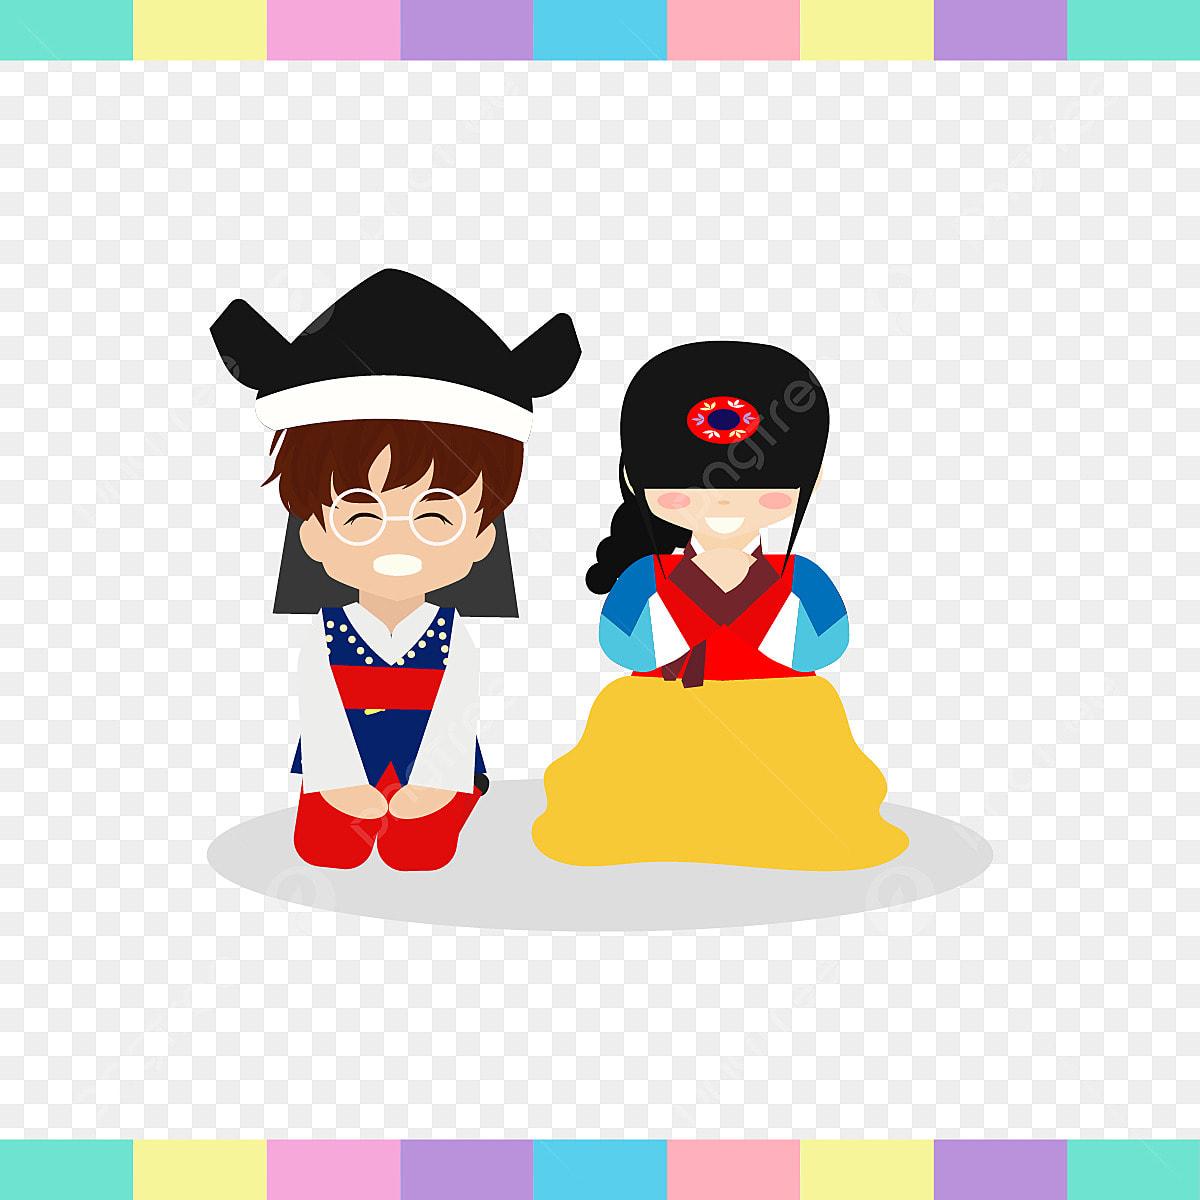 Gambar Cute Anak Laki Laki Dan Perempuan Beberapa Di Korea Pakaian Asia Asia Musim Luruh Png Dan Psd Untuk Muat Turun Percuma